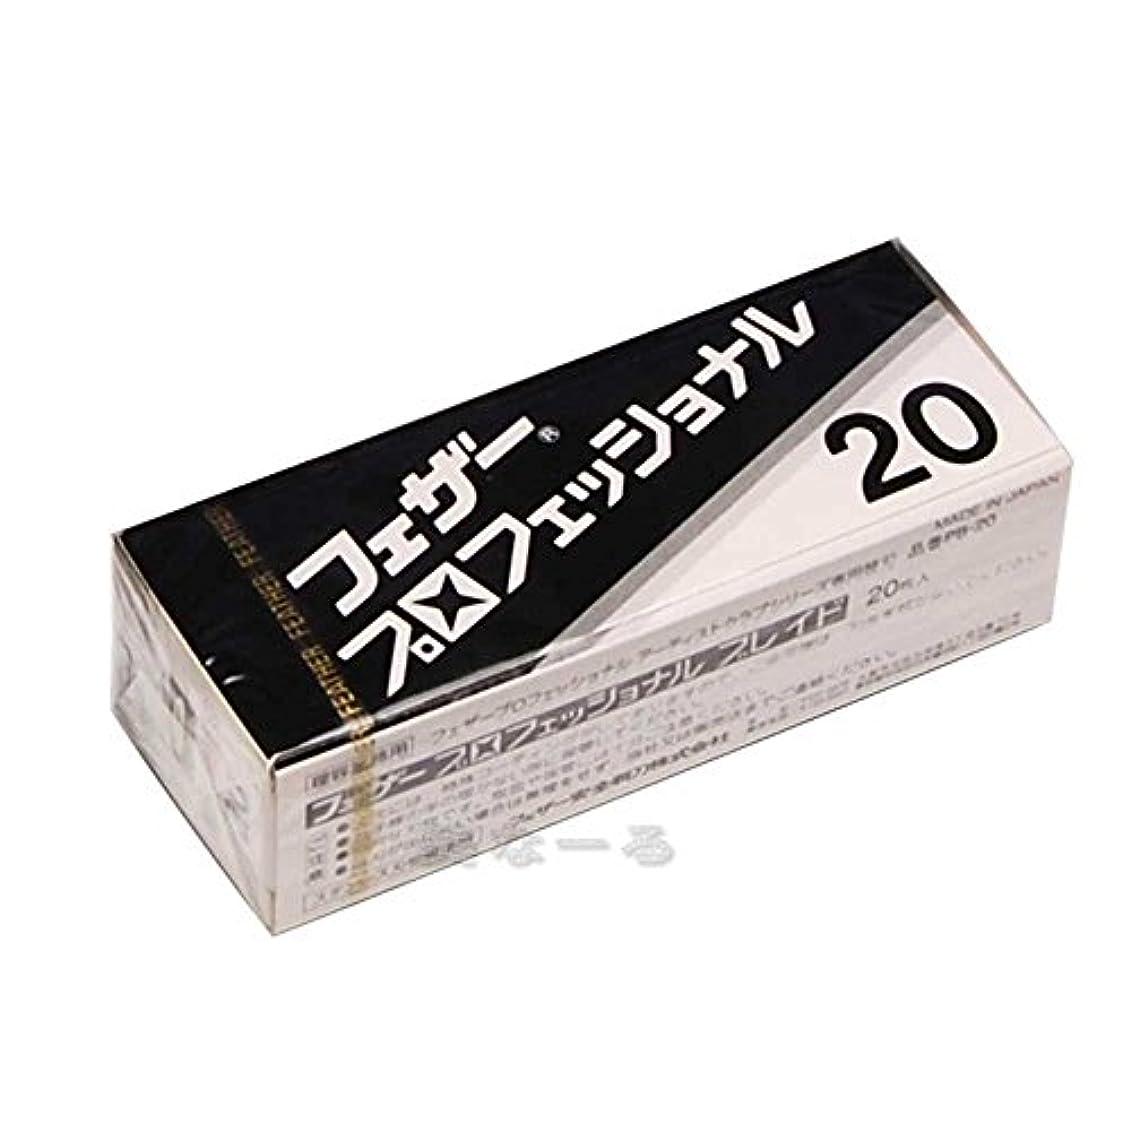 女王ピラミッド保護フェザー プロフェッショナル ブレイド PB-20 替刃 20枚入